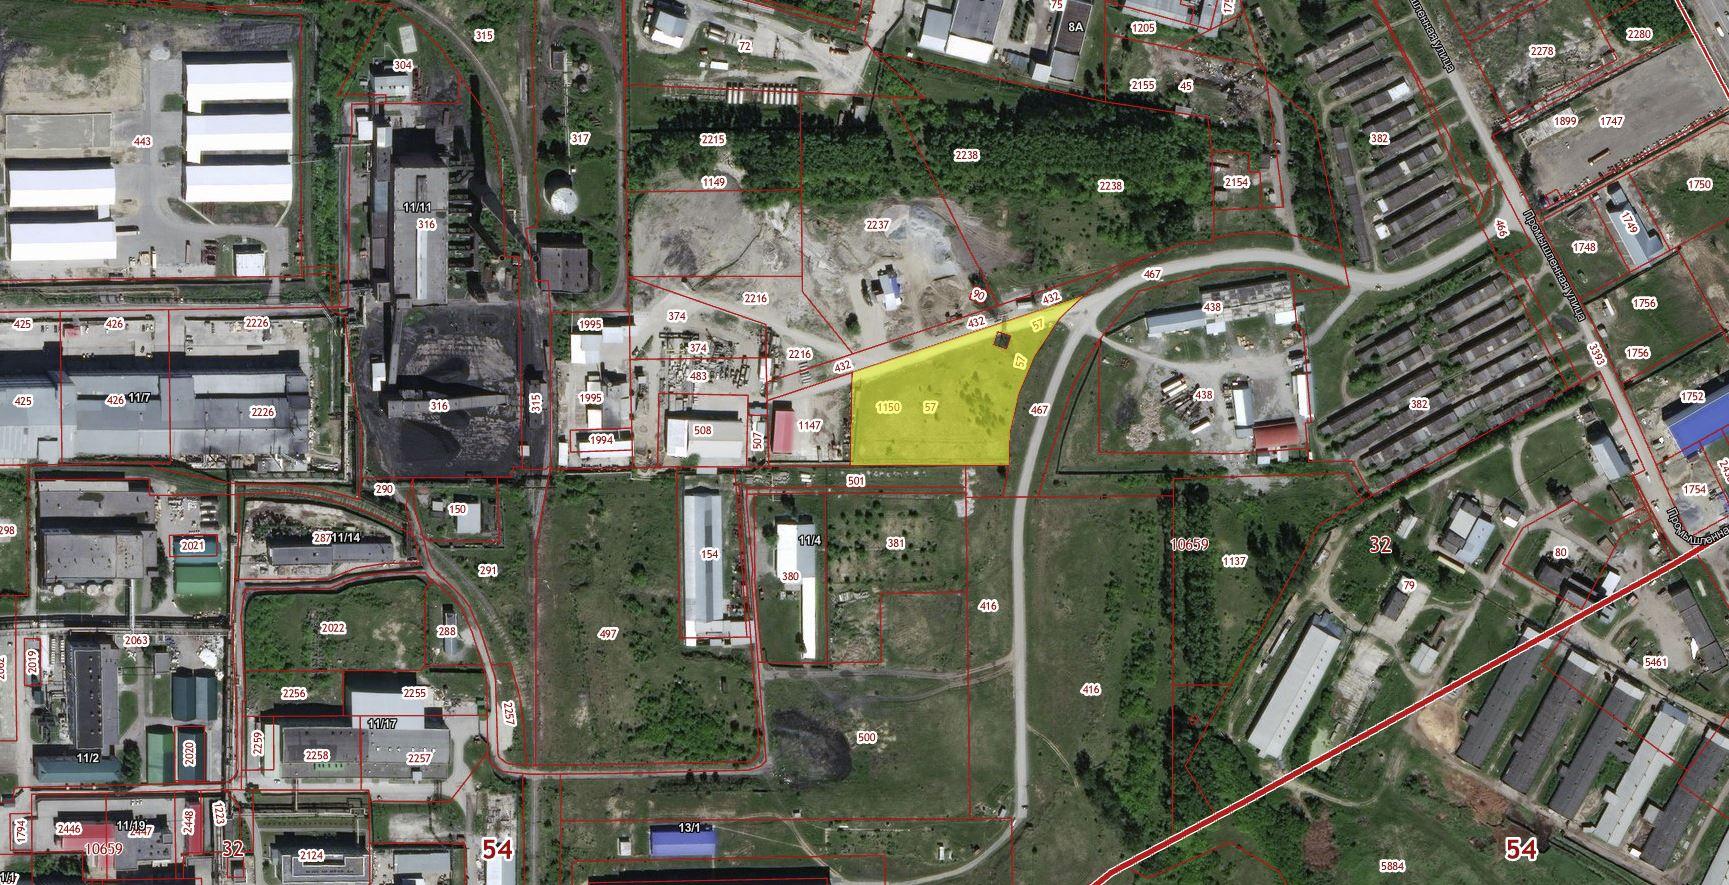 Земельный участок с кадастровым номером 54:32:010659:1150, с местоположением: Новосибирская область, г. Бердск, в районе улицы Промышленная, с разрешенным использованием: для производственной деятельности. Неразграниченная государственная собственность. Площадь 10135,0 кв. м.